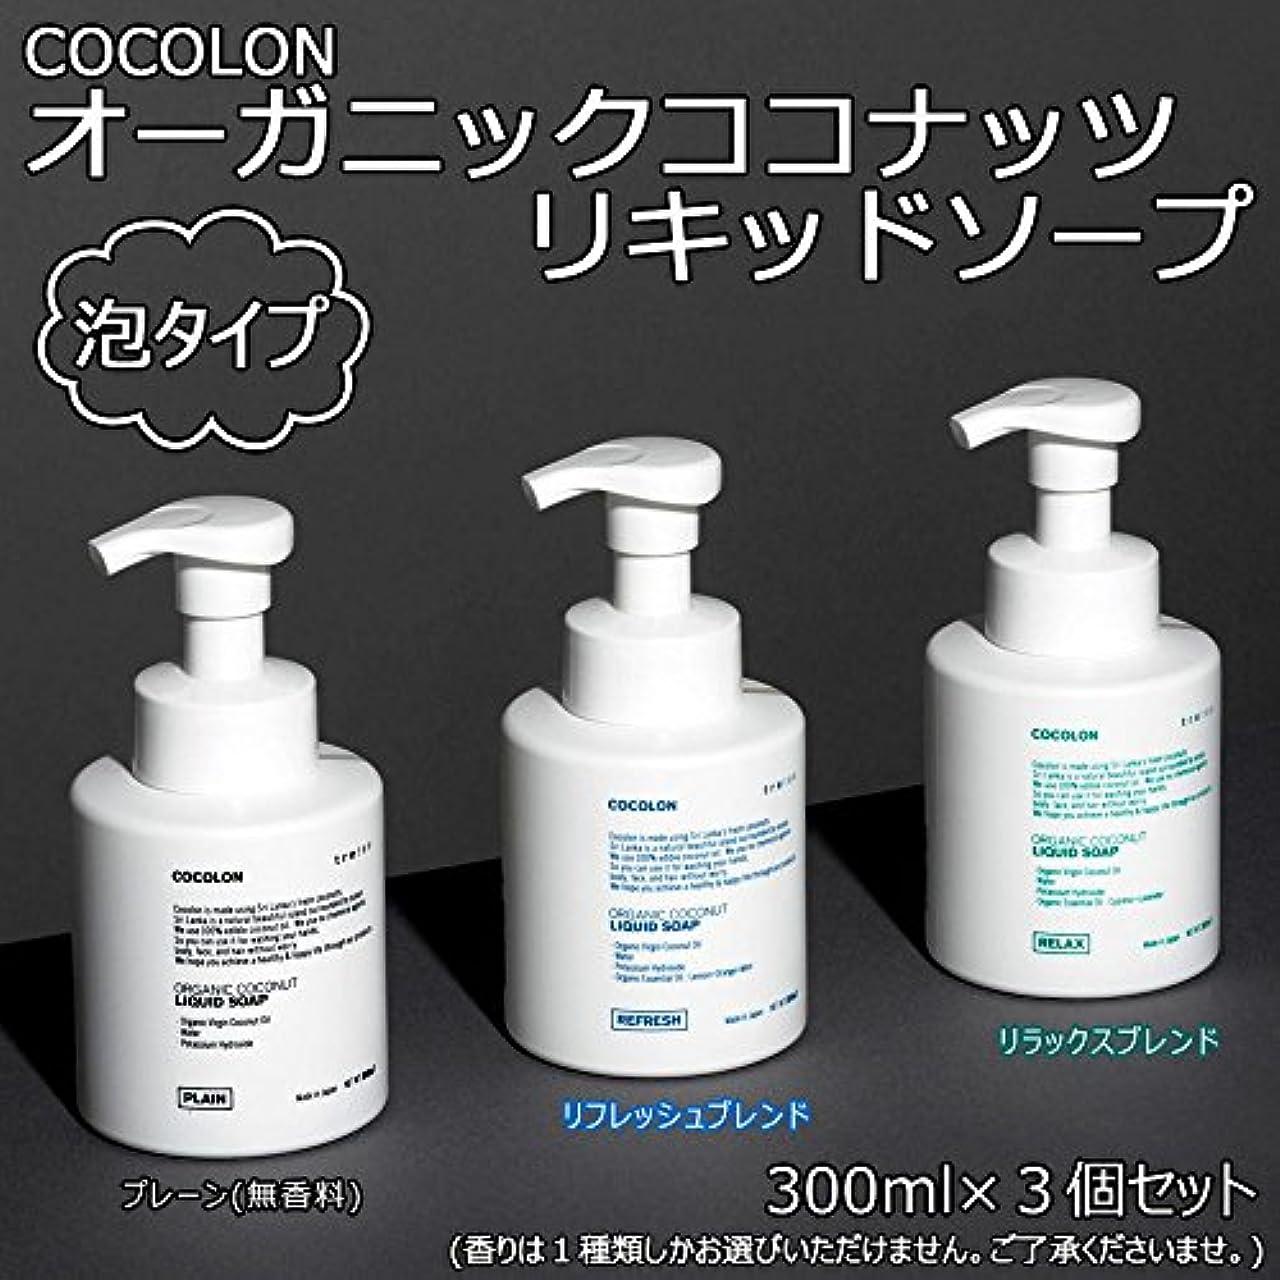 エンターテインメント許可する本物のCOCOLON ココロン オーガニックココナッツリキッドソープ 泡タイプ 300ml 3個セット リフレッシュブレンド